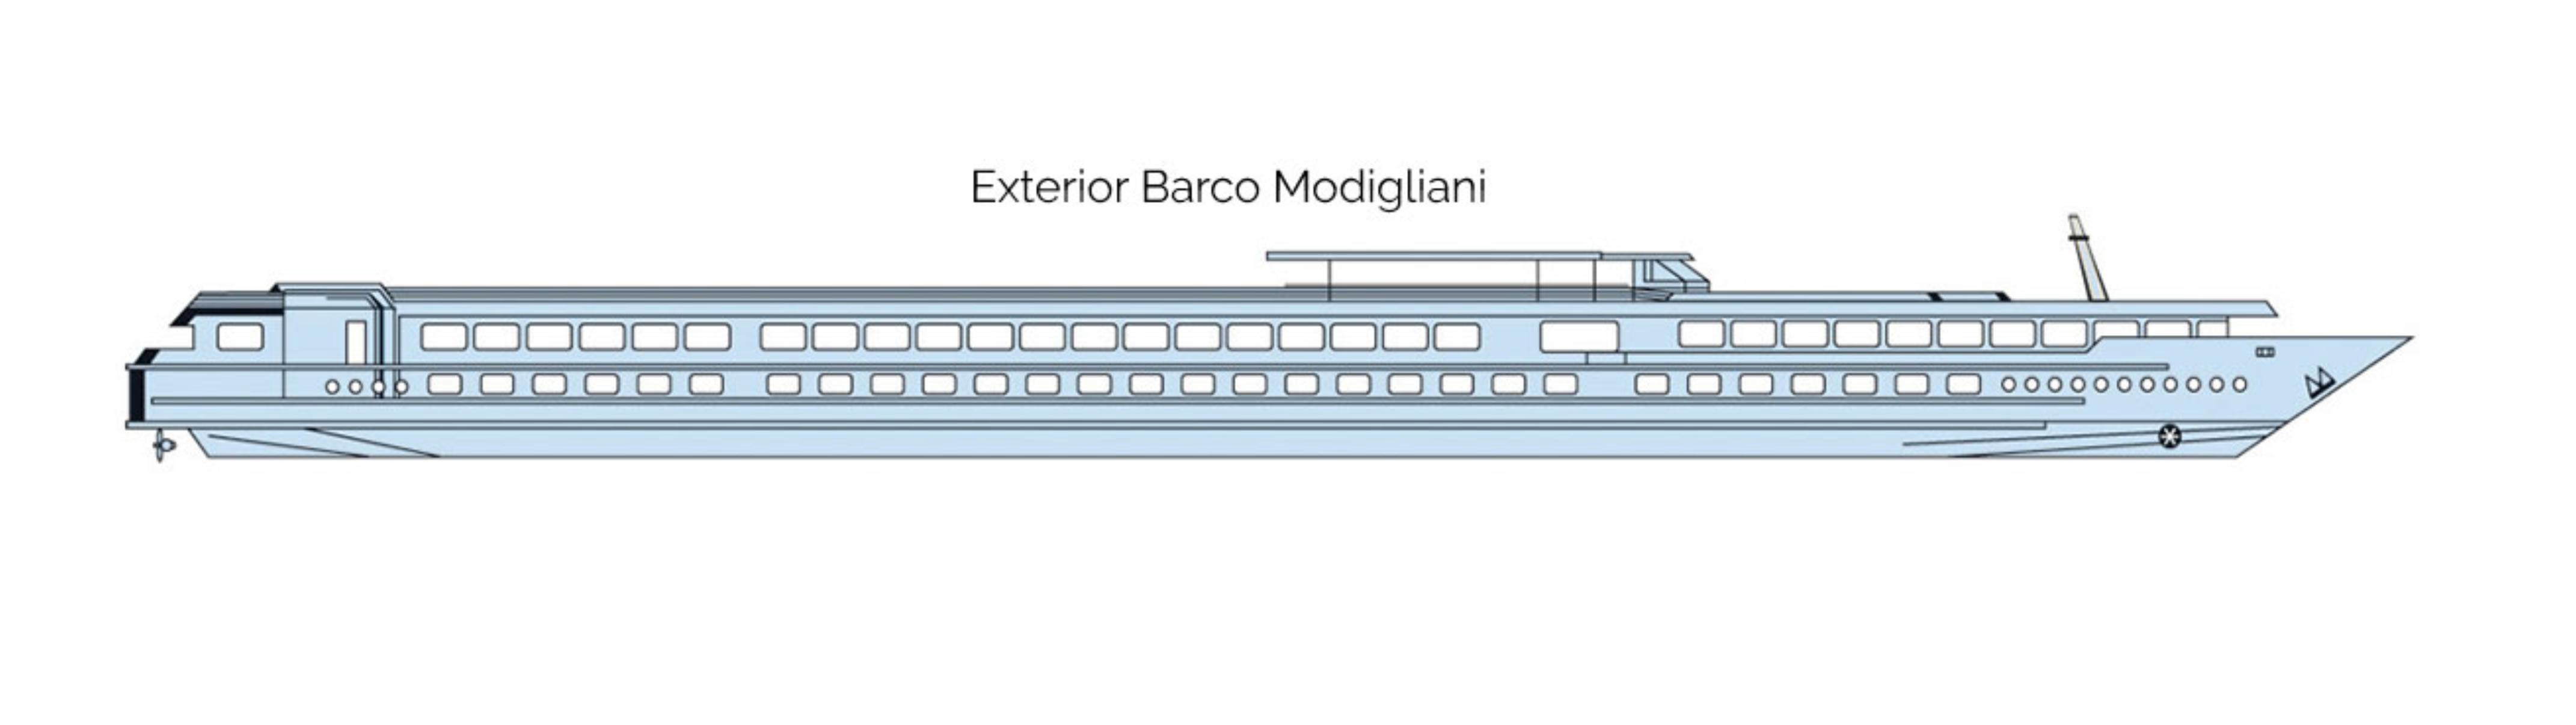 Exterior del Barco